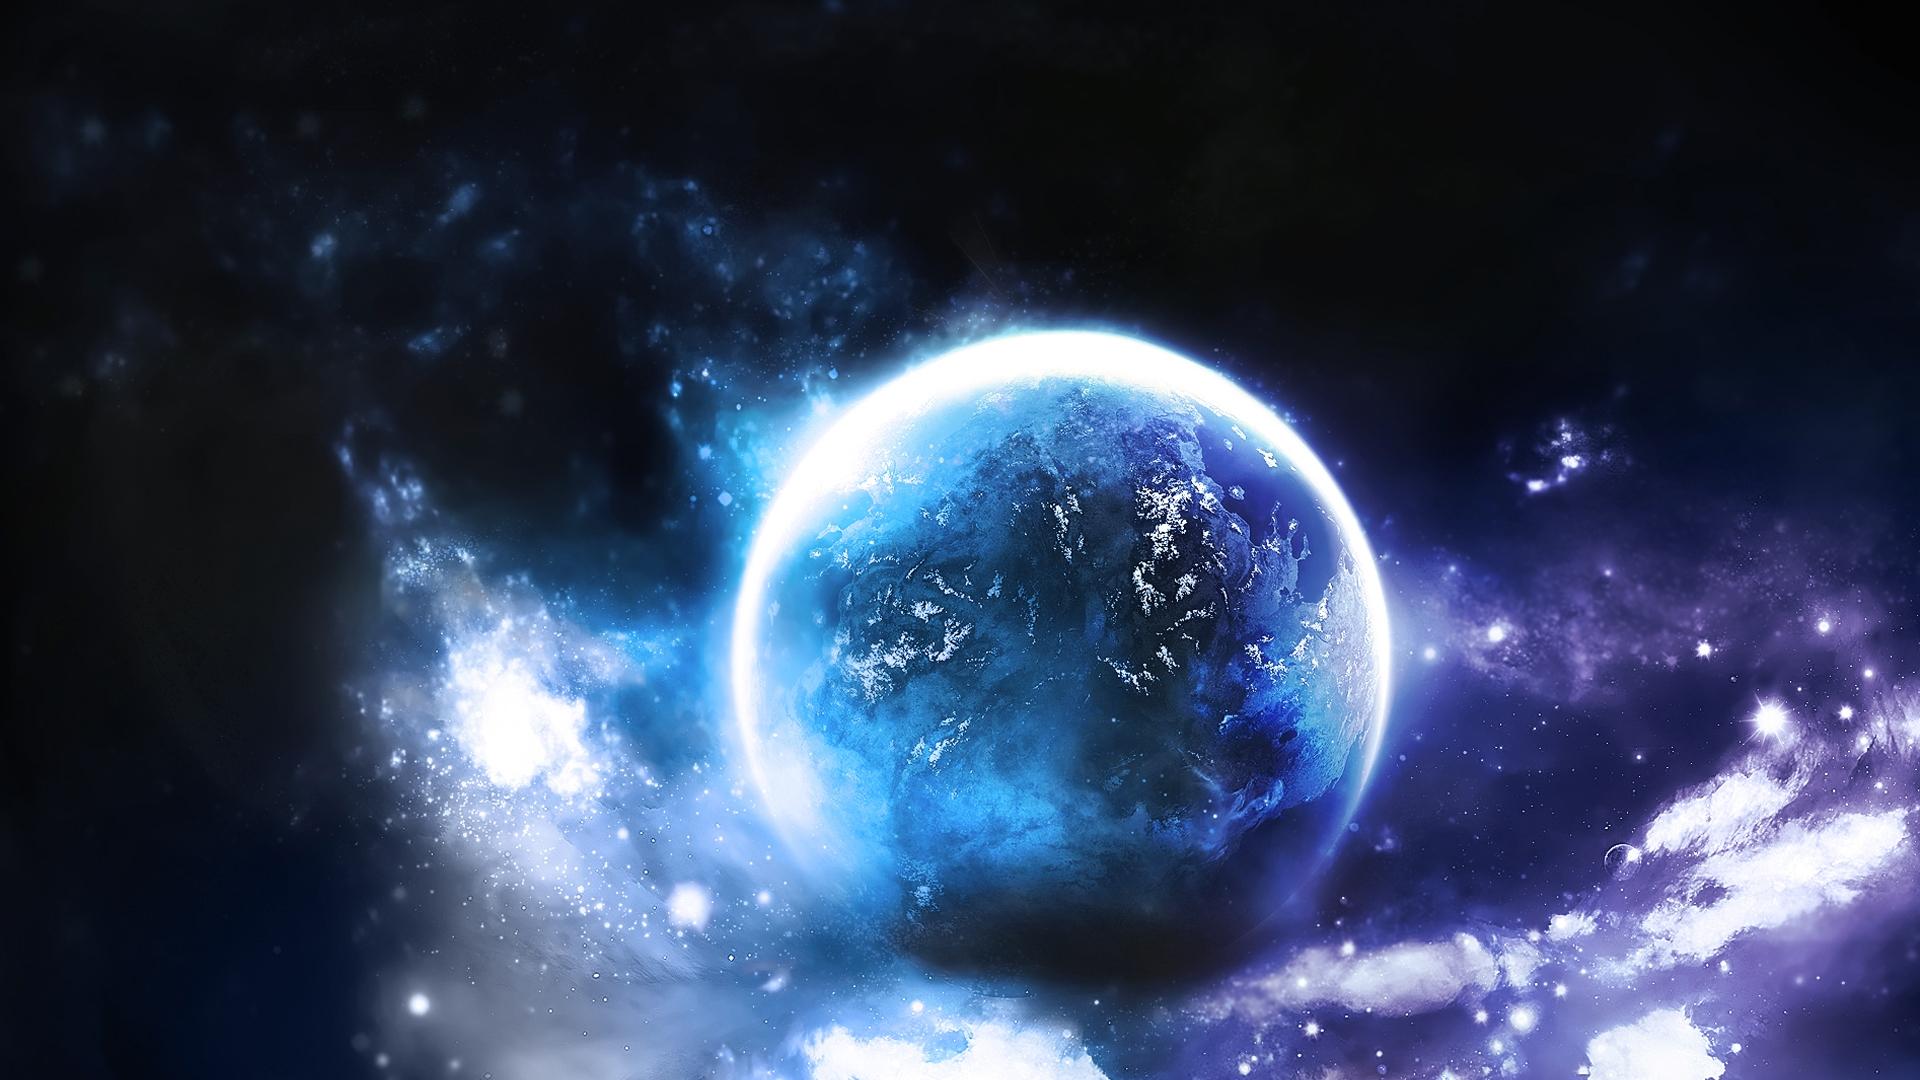 космос, планета, свет, галактика, скачать фото